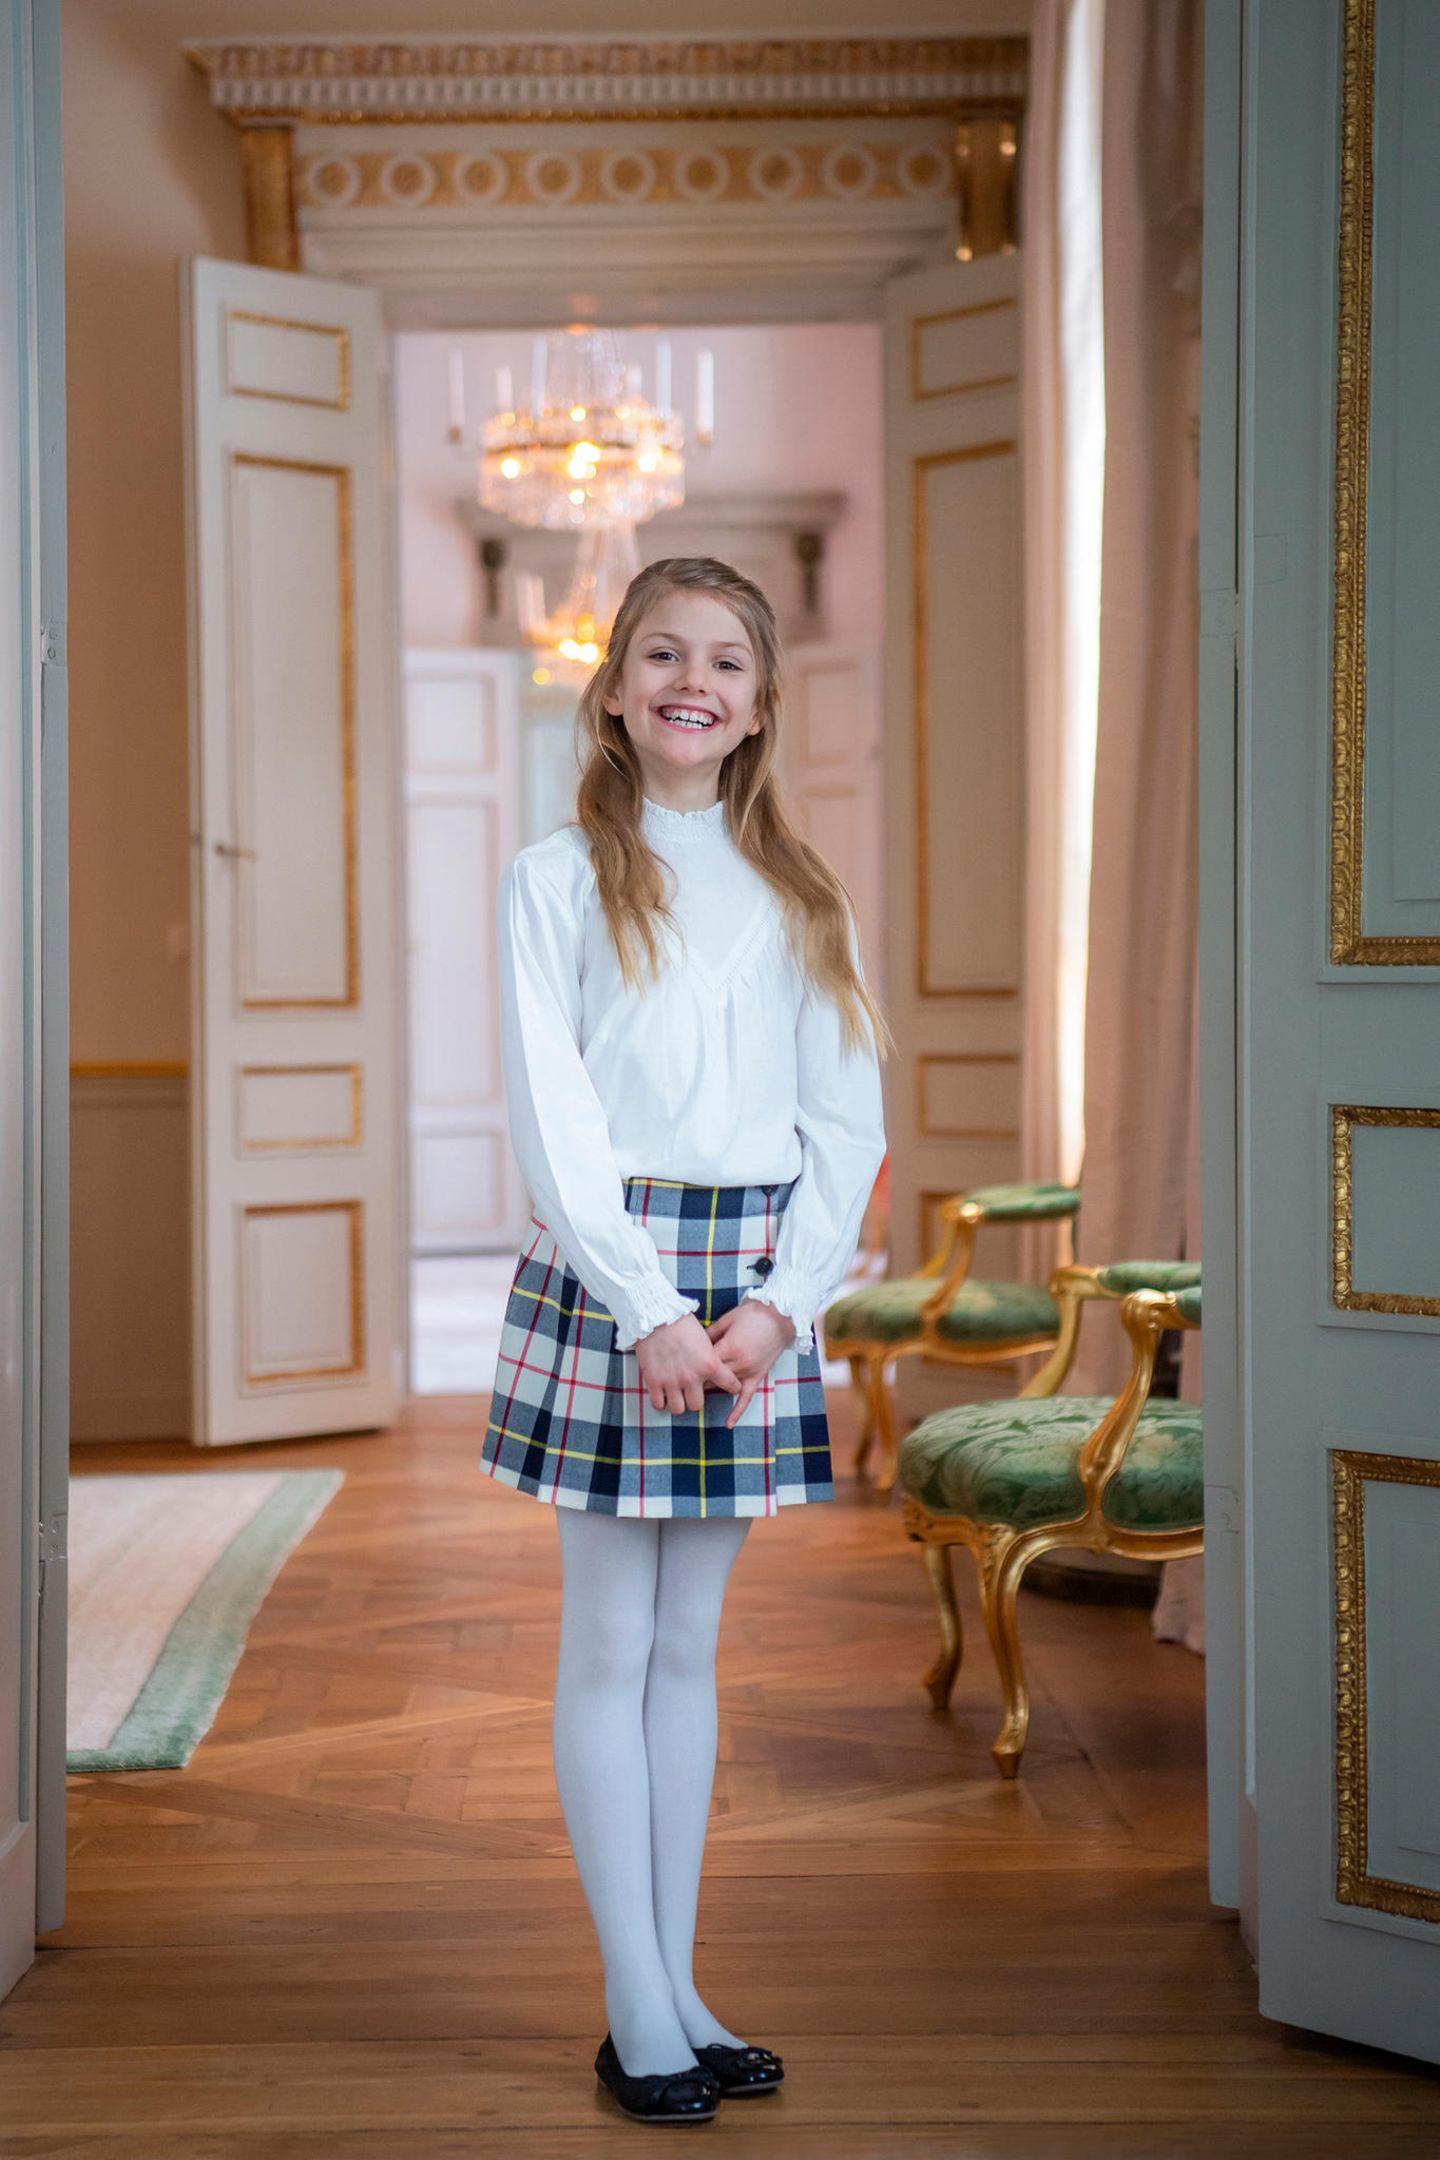 Estelle ist einfach ein absoluter Sonnenschein!In edler Bluse, kariertem Minirock und weißer Strumpfhose posiert sie stolz im Schloss.